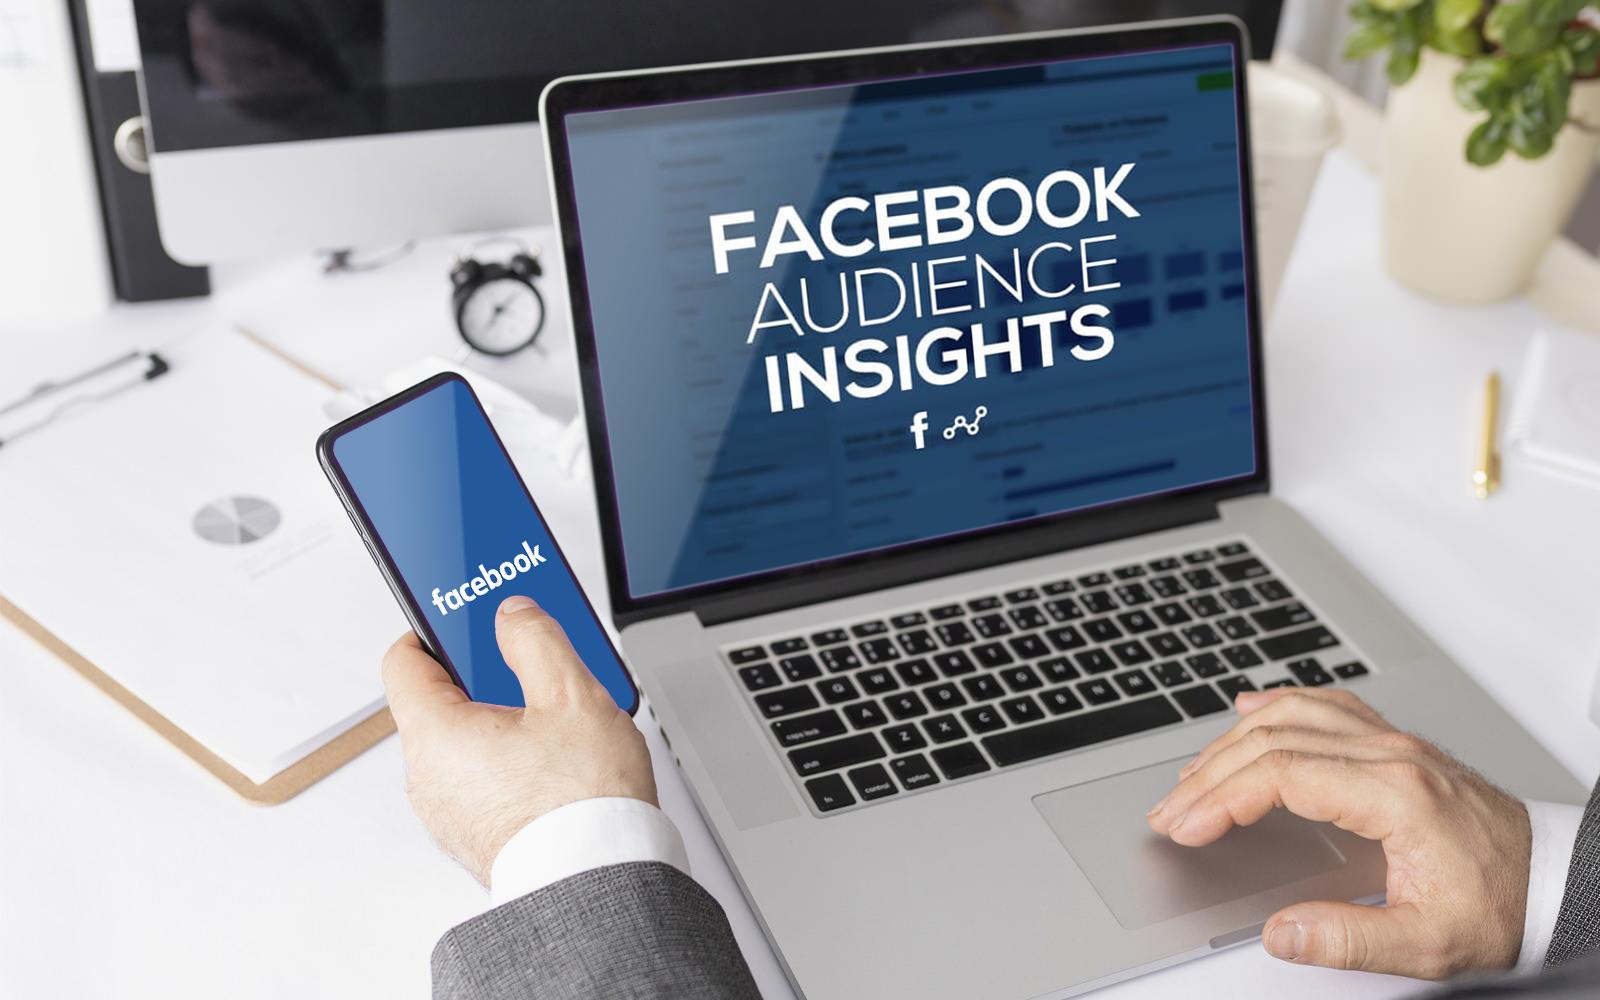 Как да намерите най-добрата аудитория, към която да се насочите във Facebook